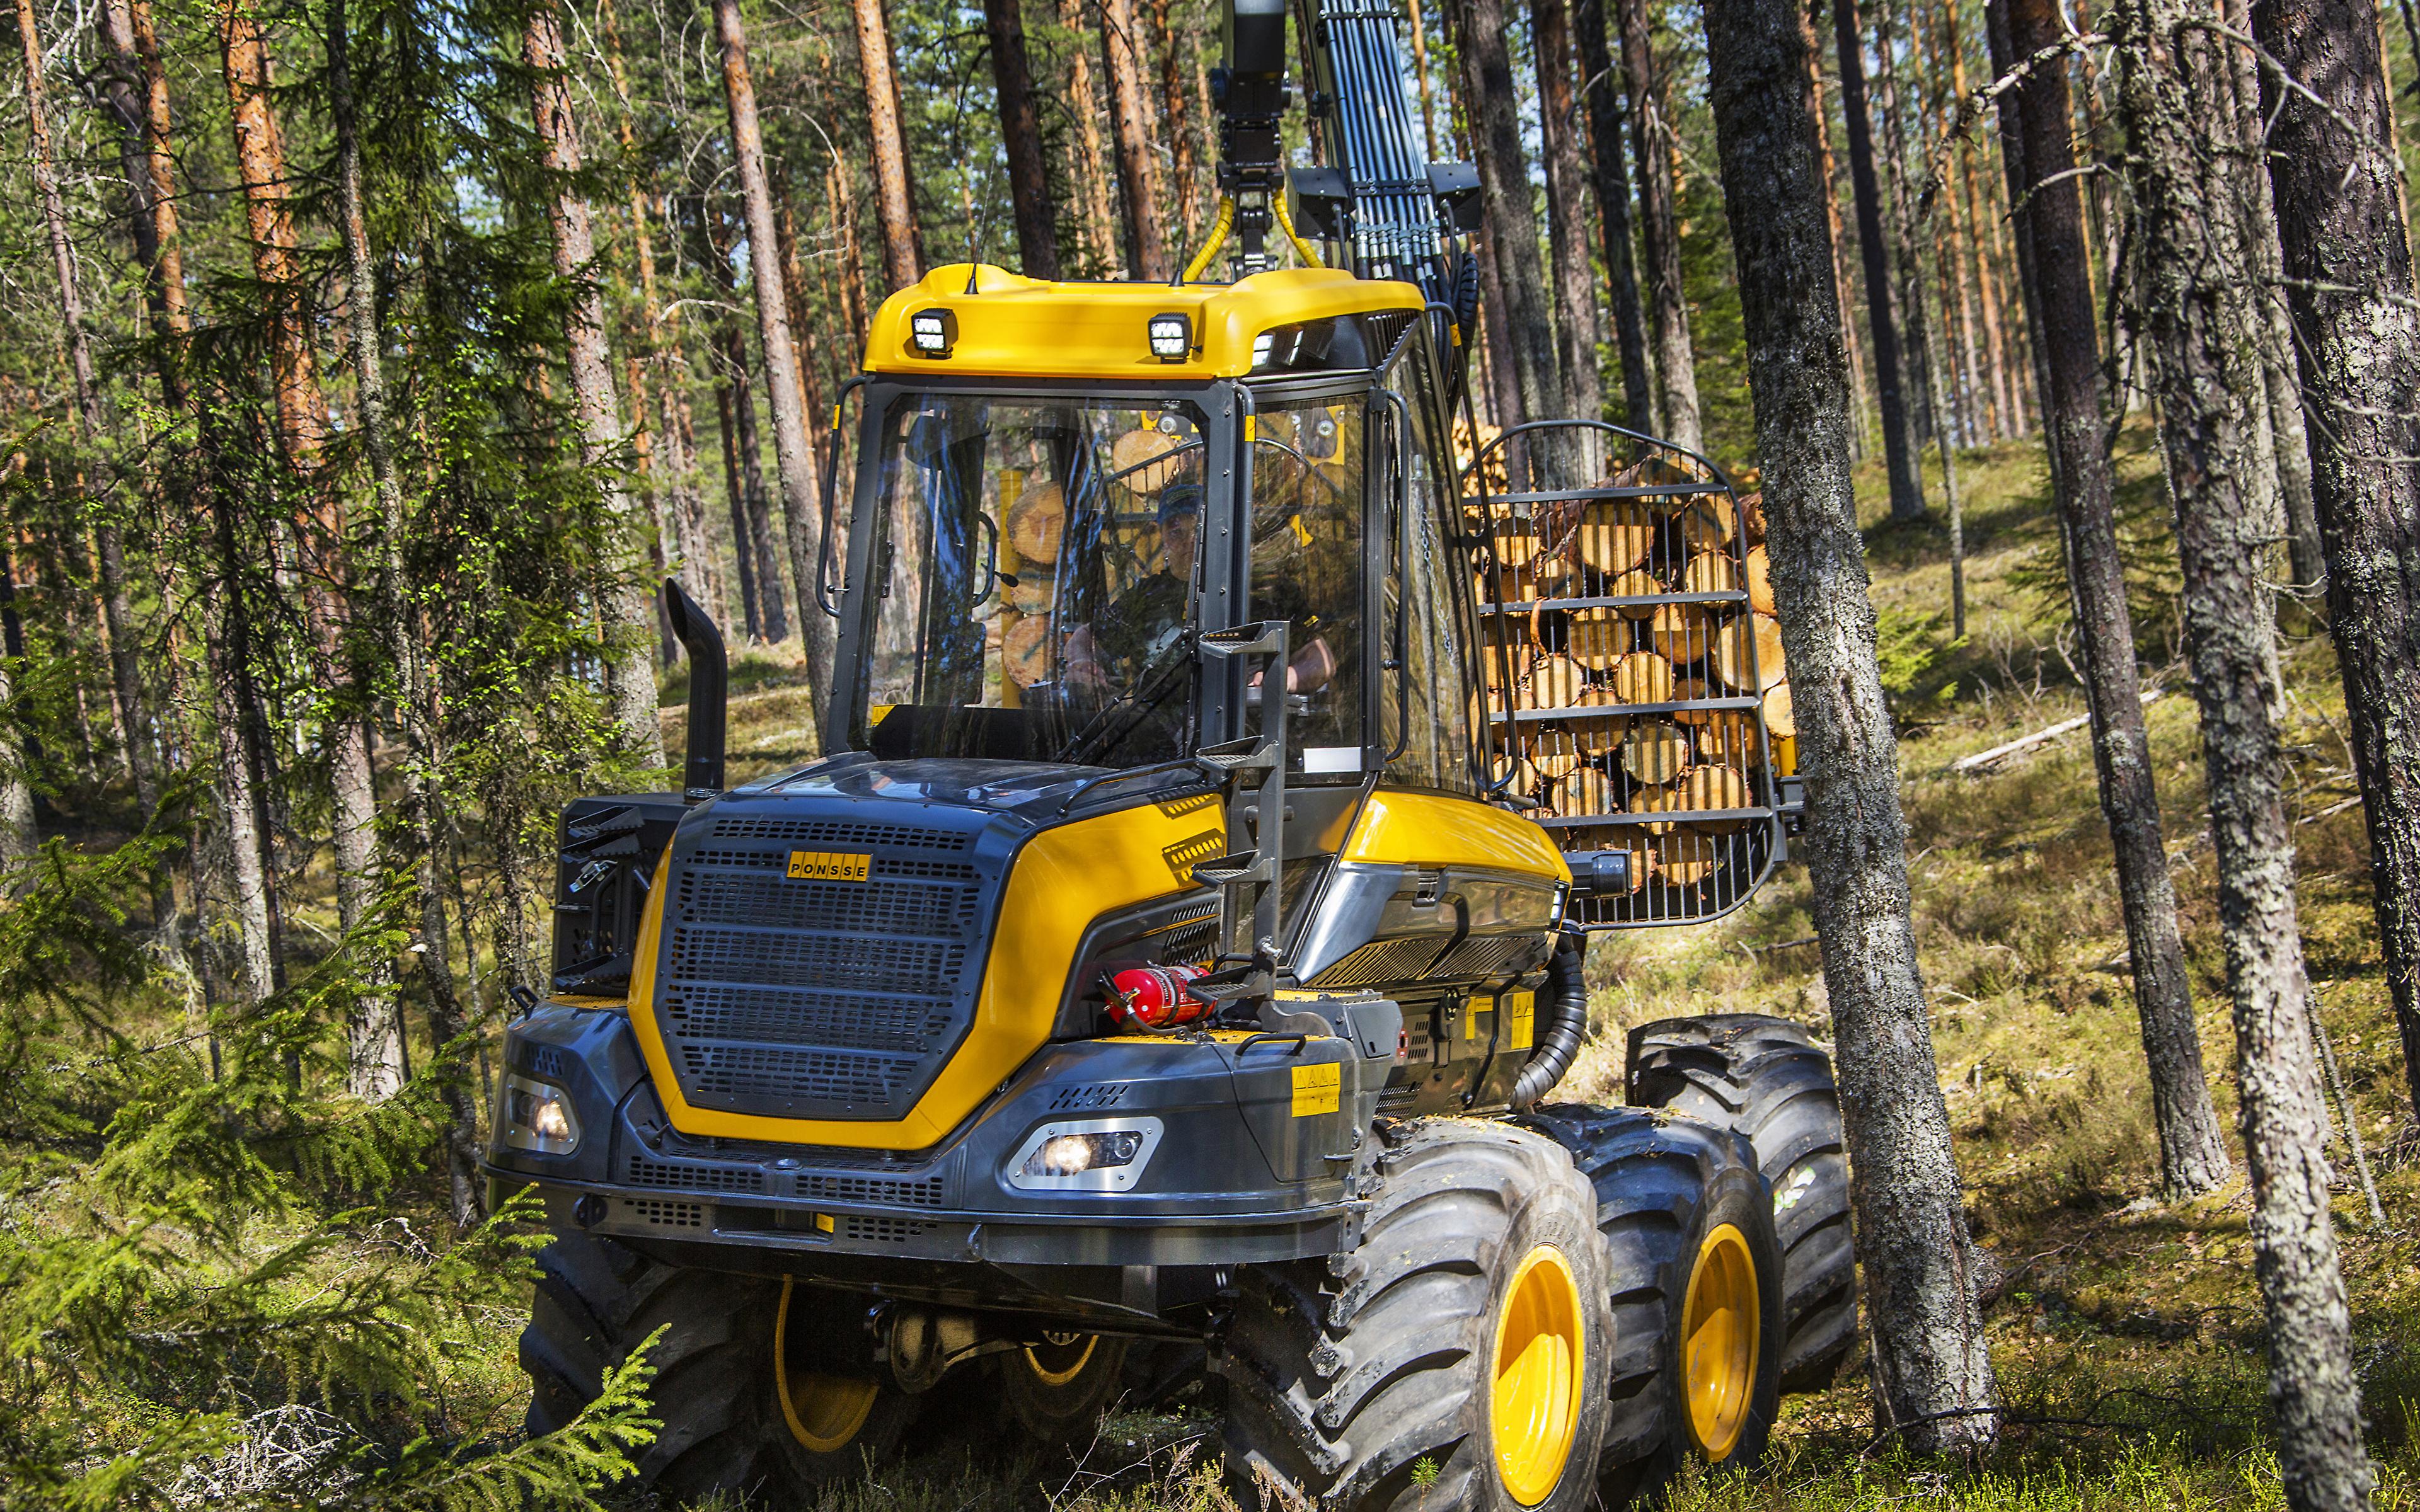 Картинка Форвардер 2014-17 Ponsse Wisent 8w Леса Деревья 3840x2400 лес дерево дерева деревьев